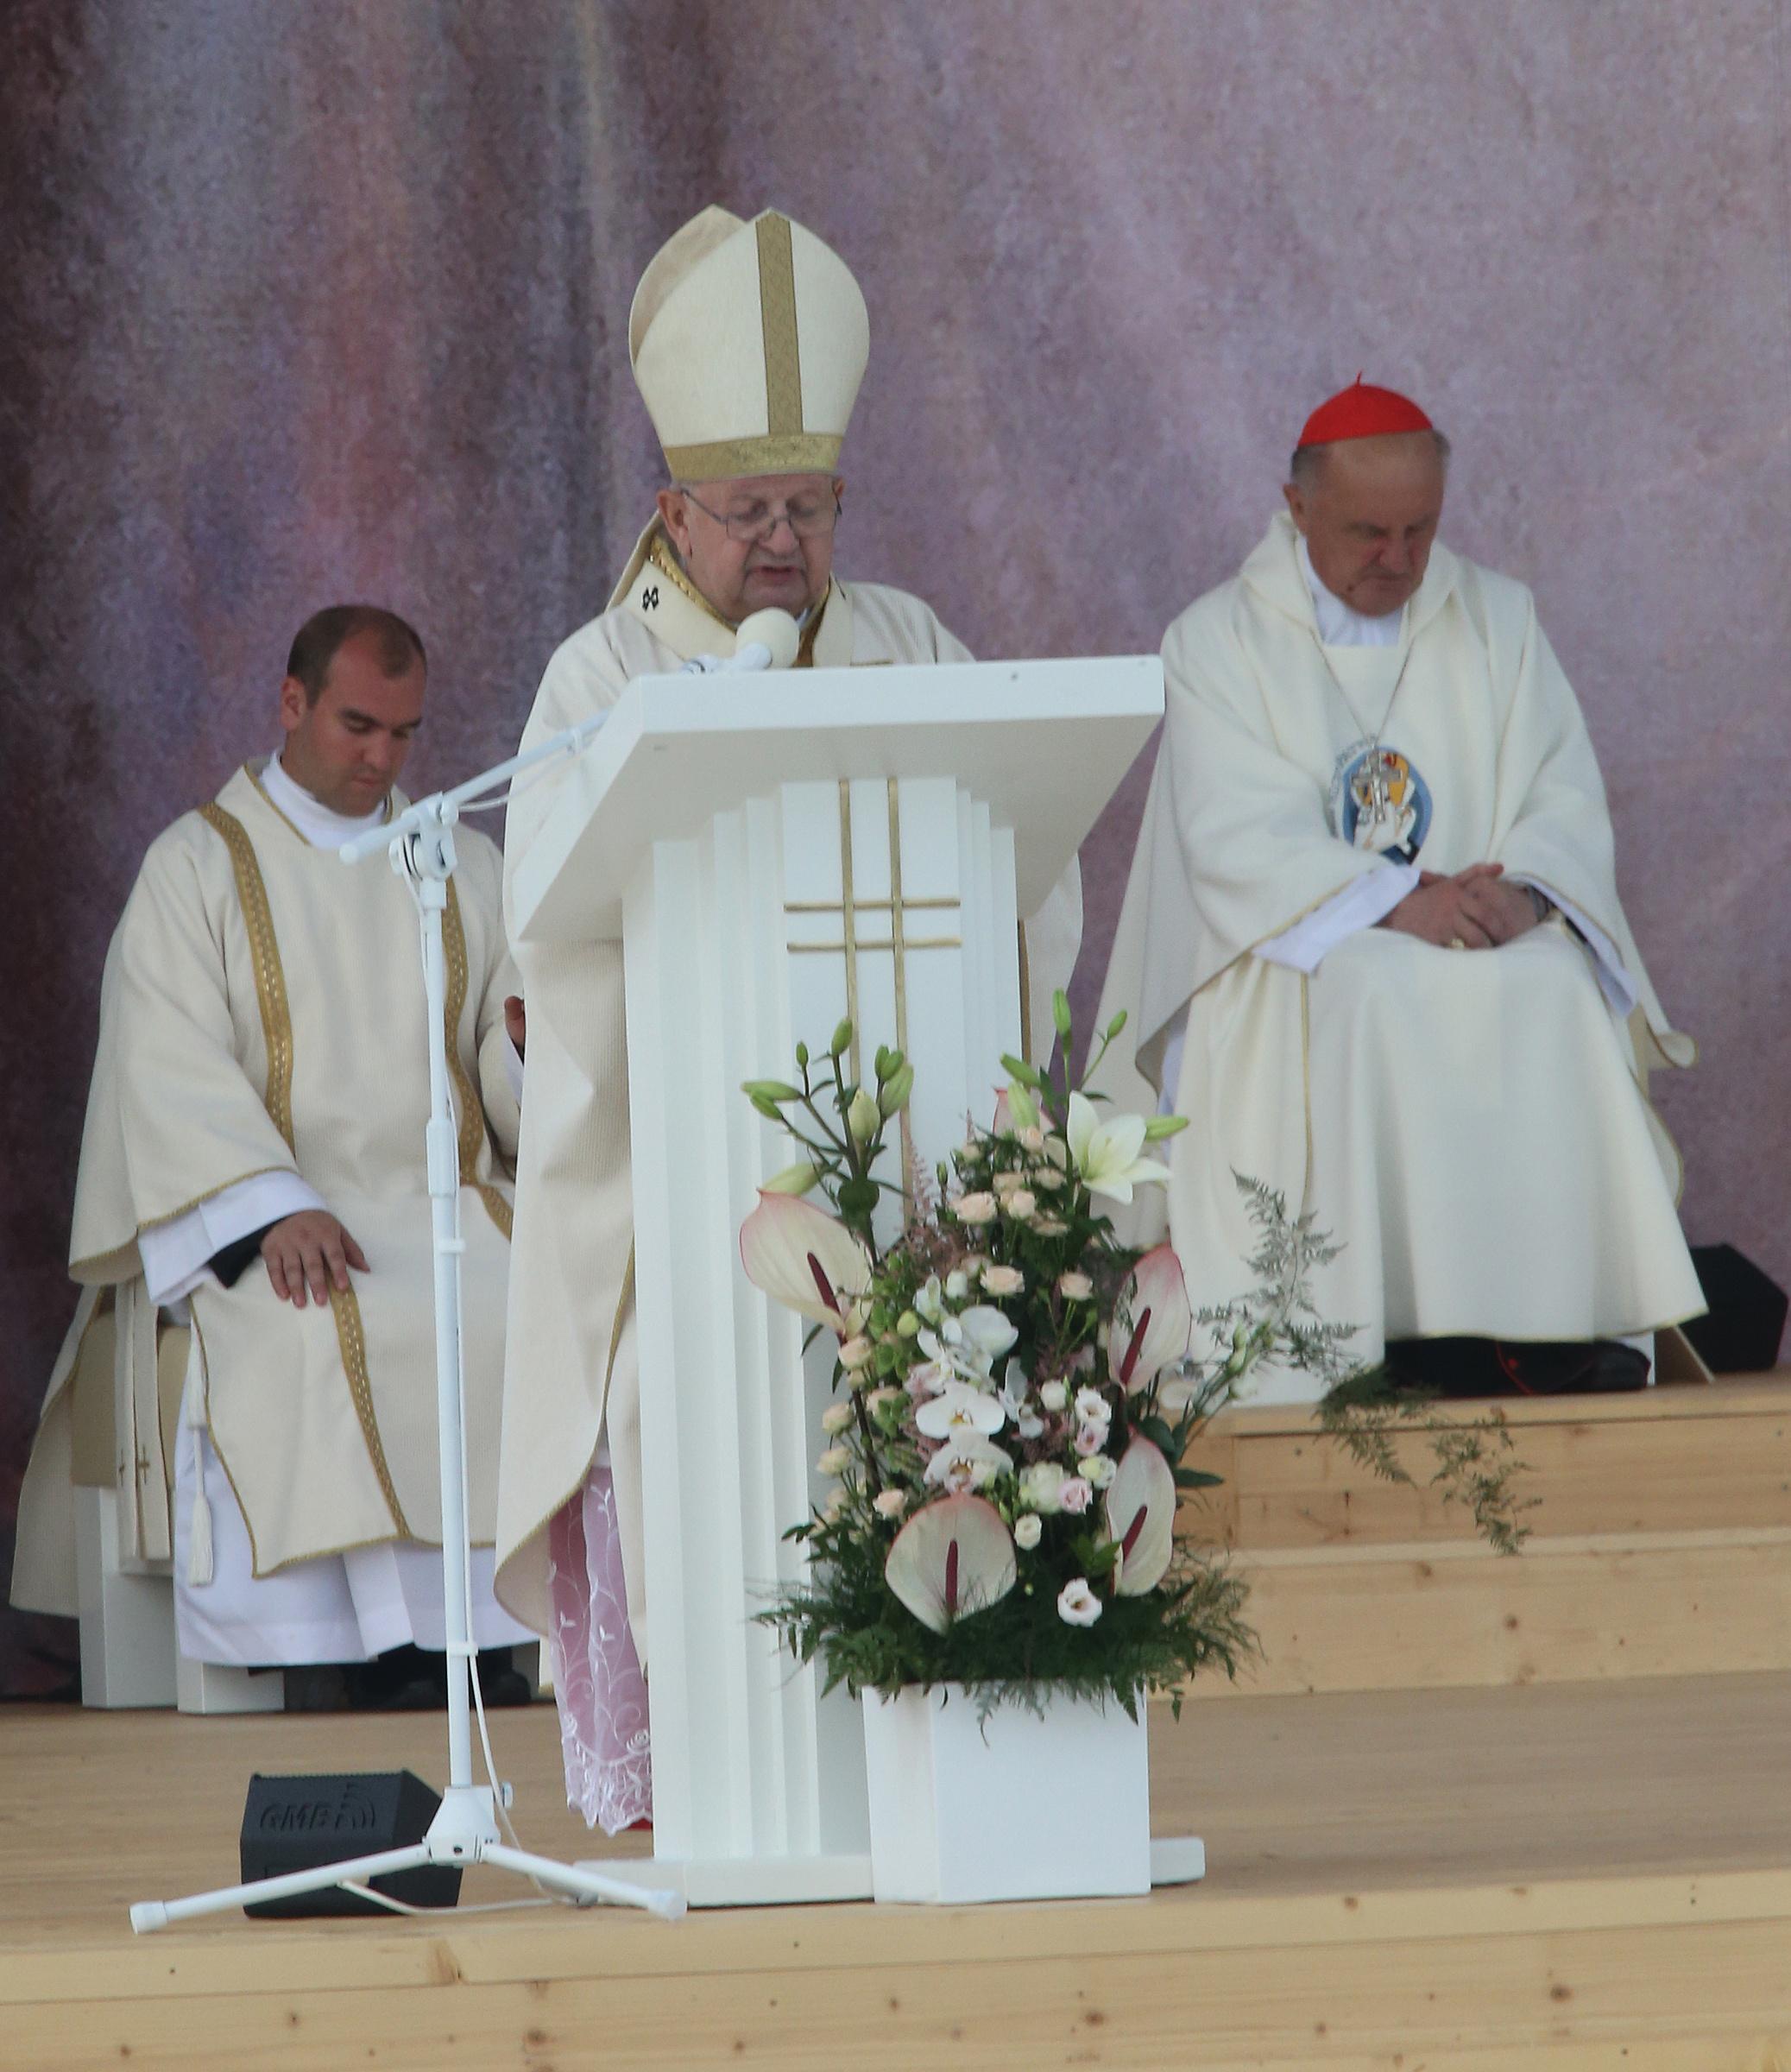 Cardinal Stanislaw Dziwisz